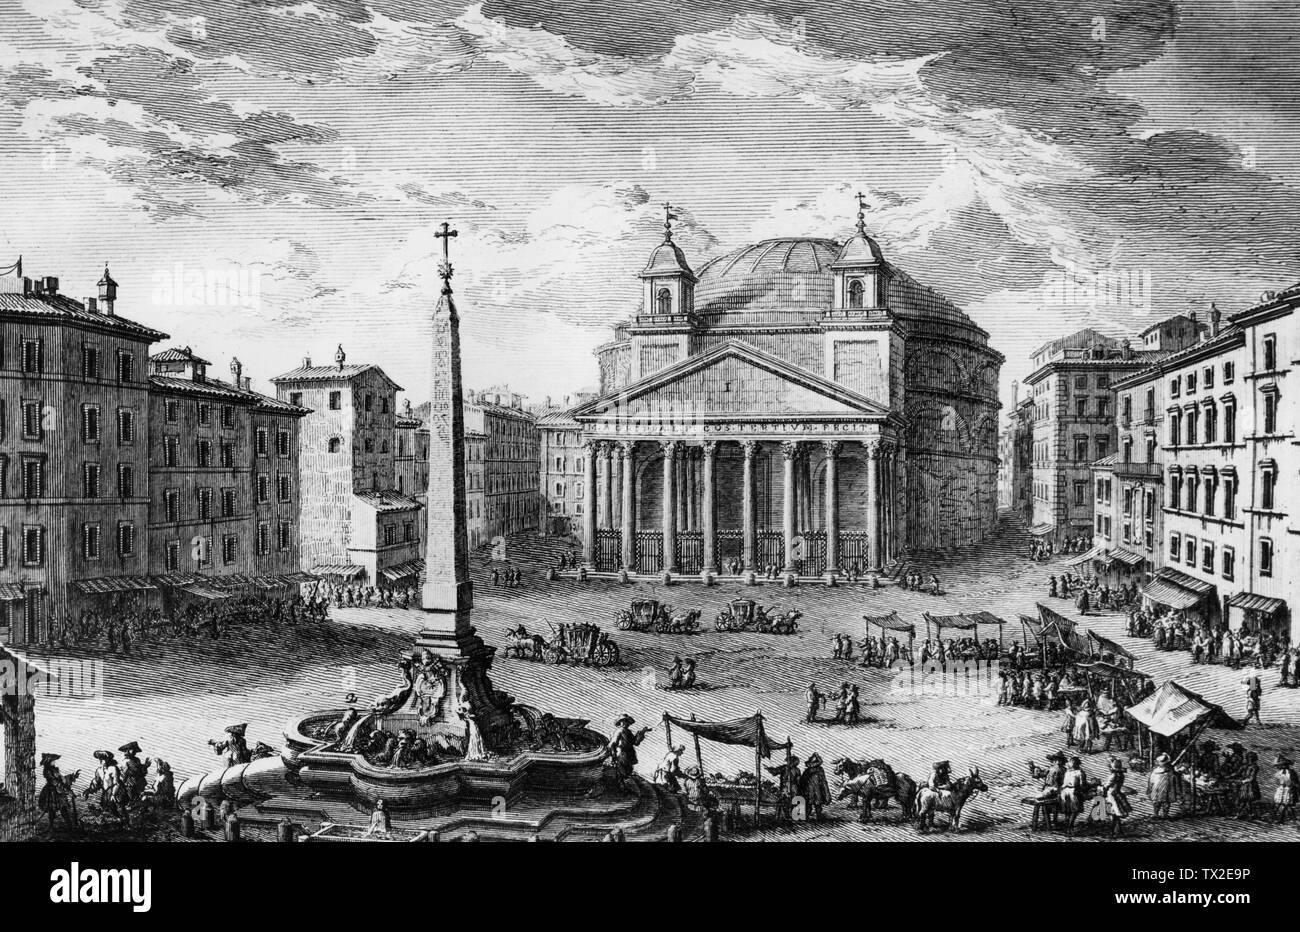 Italia, Roma, la Piazza del Pantheon in una incisione di Giuseppe Vaso, 1750 Immagini Stock